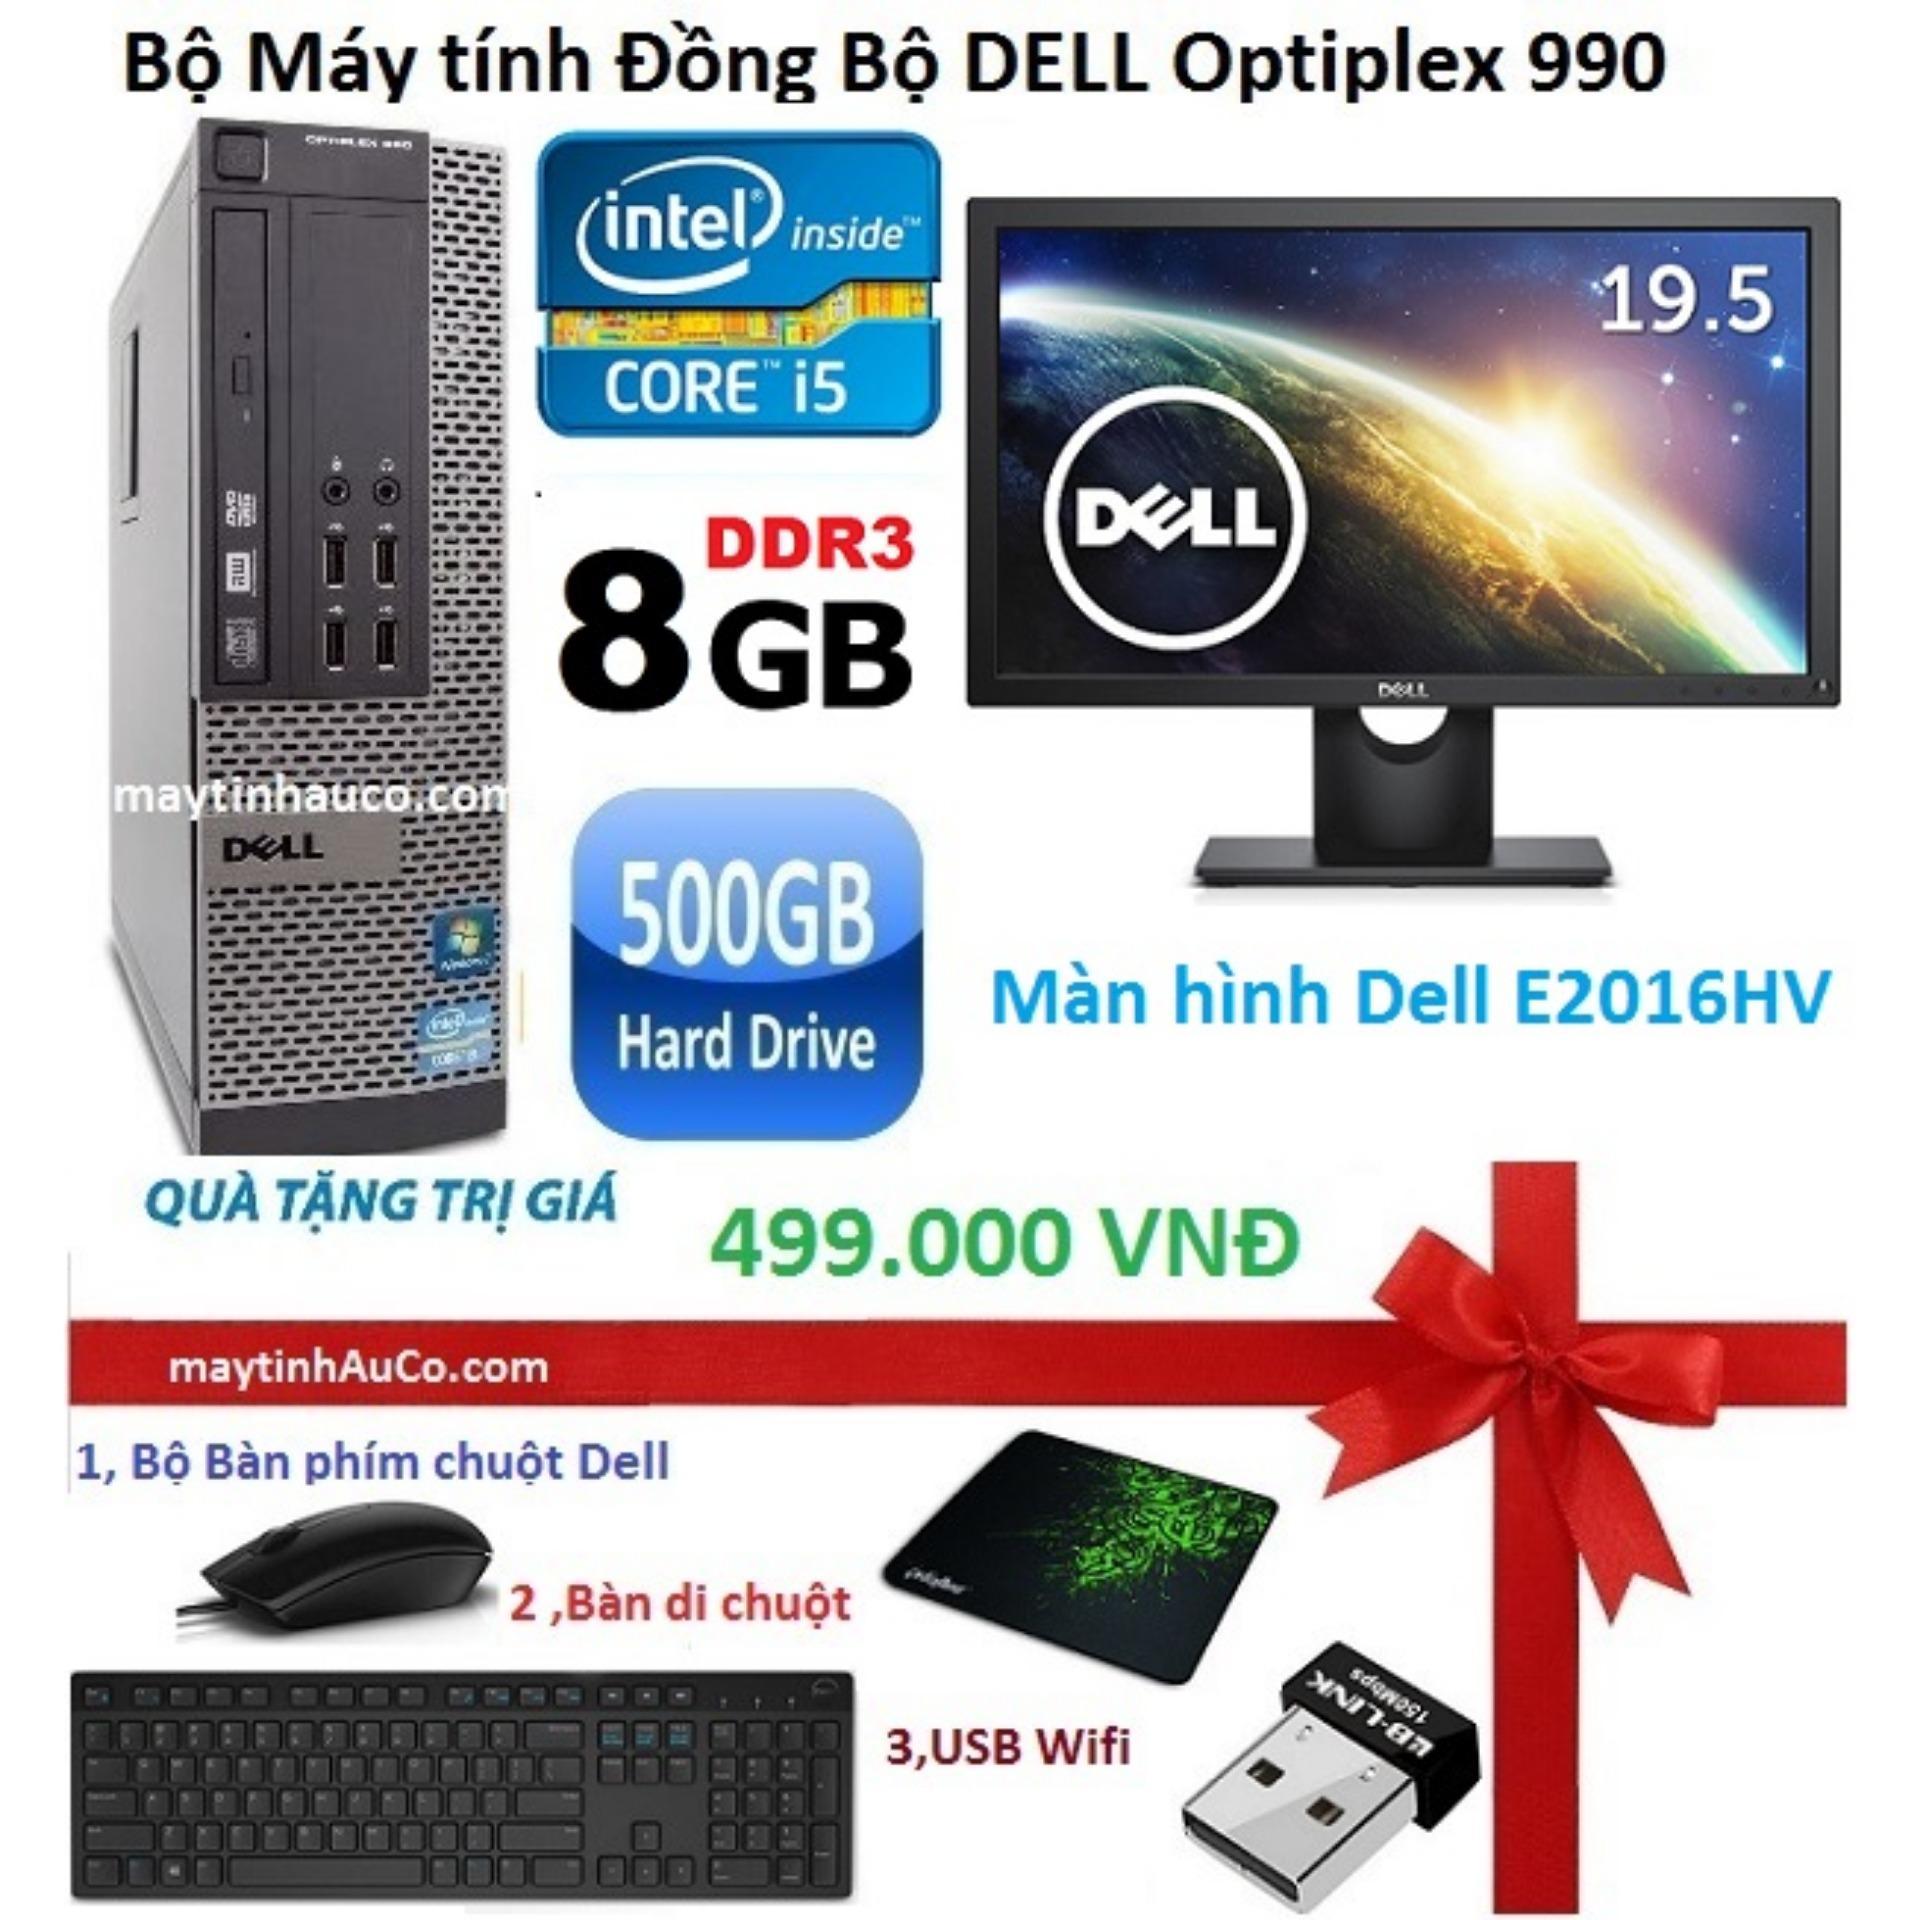 Máy tính đồng bộ Dell Optiplex 990 Intel Core i5 2400, RAM 8GB, HDD